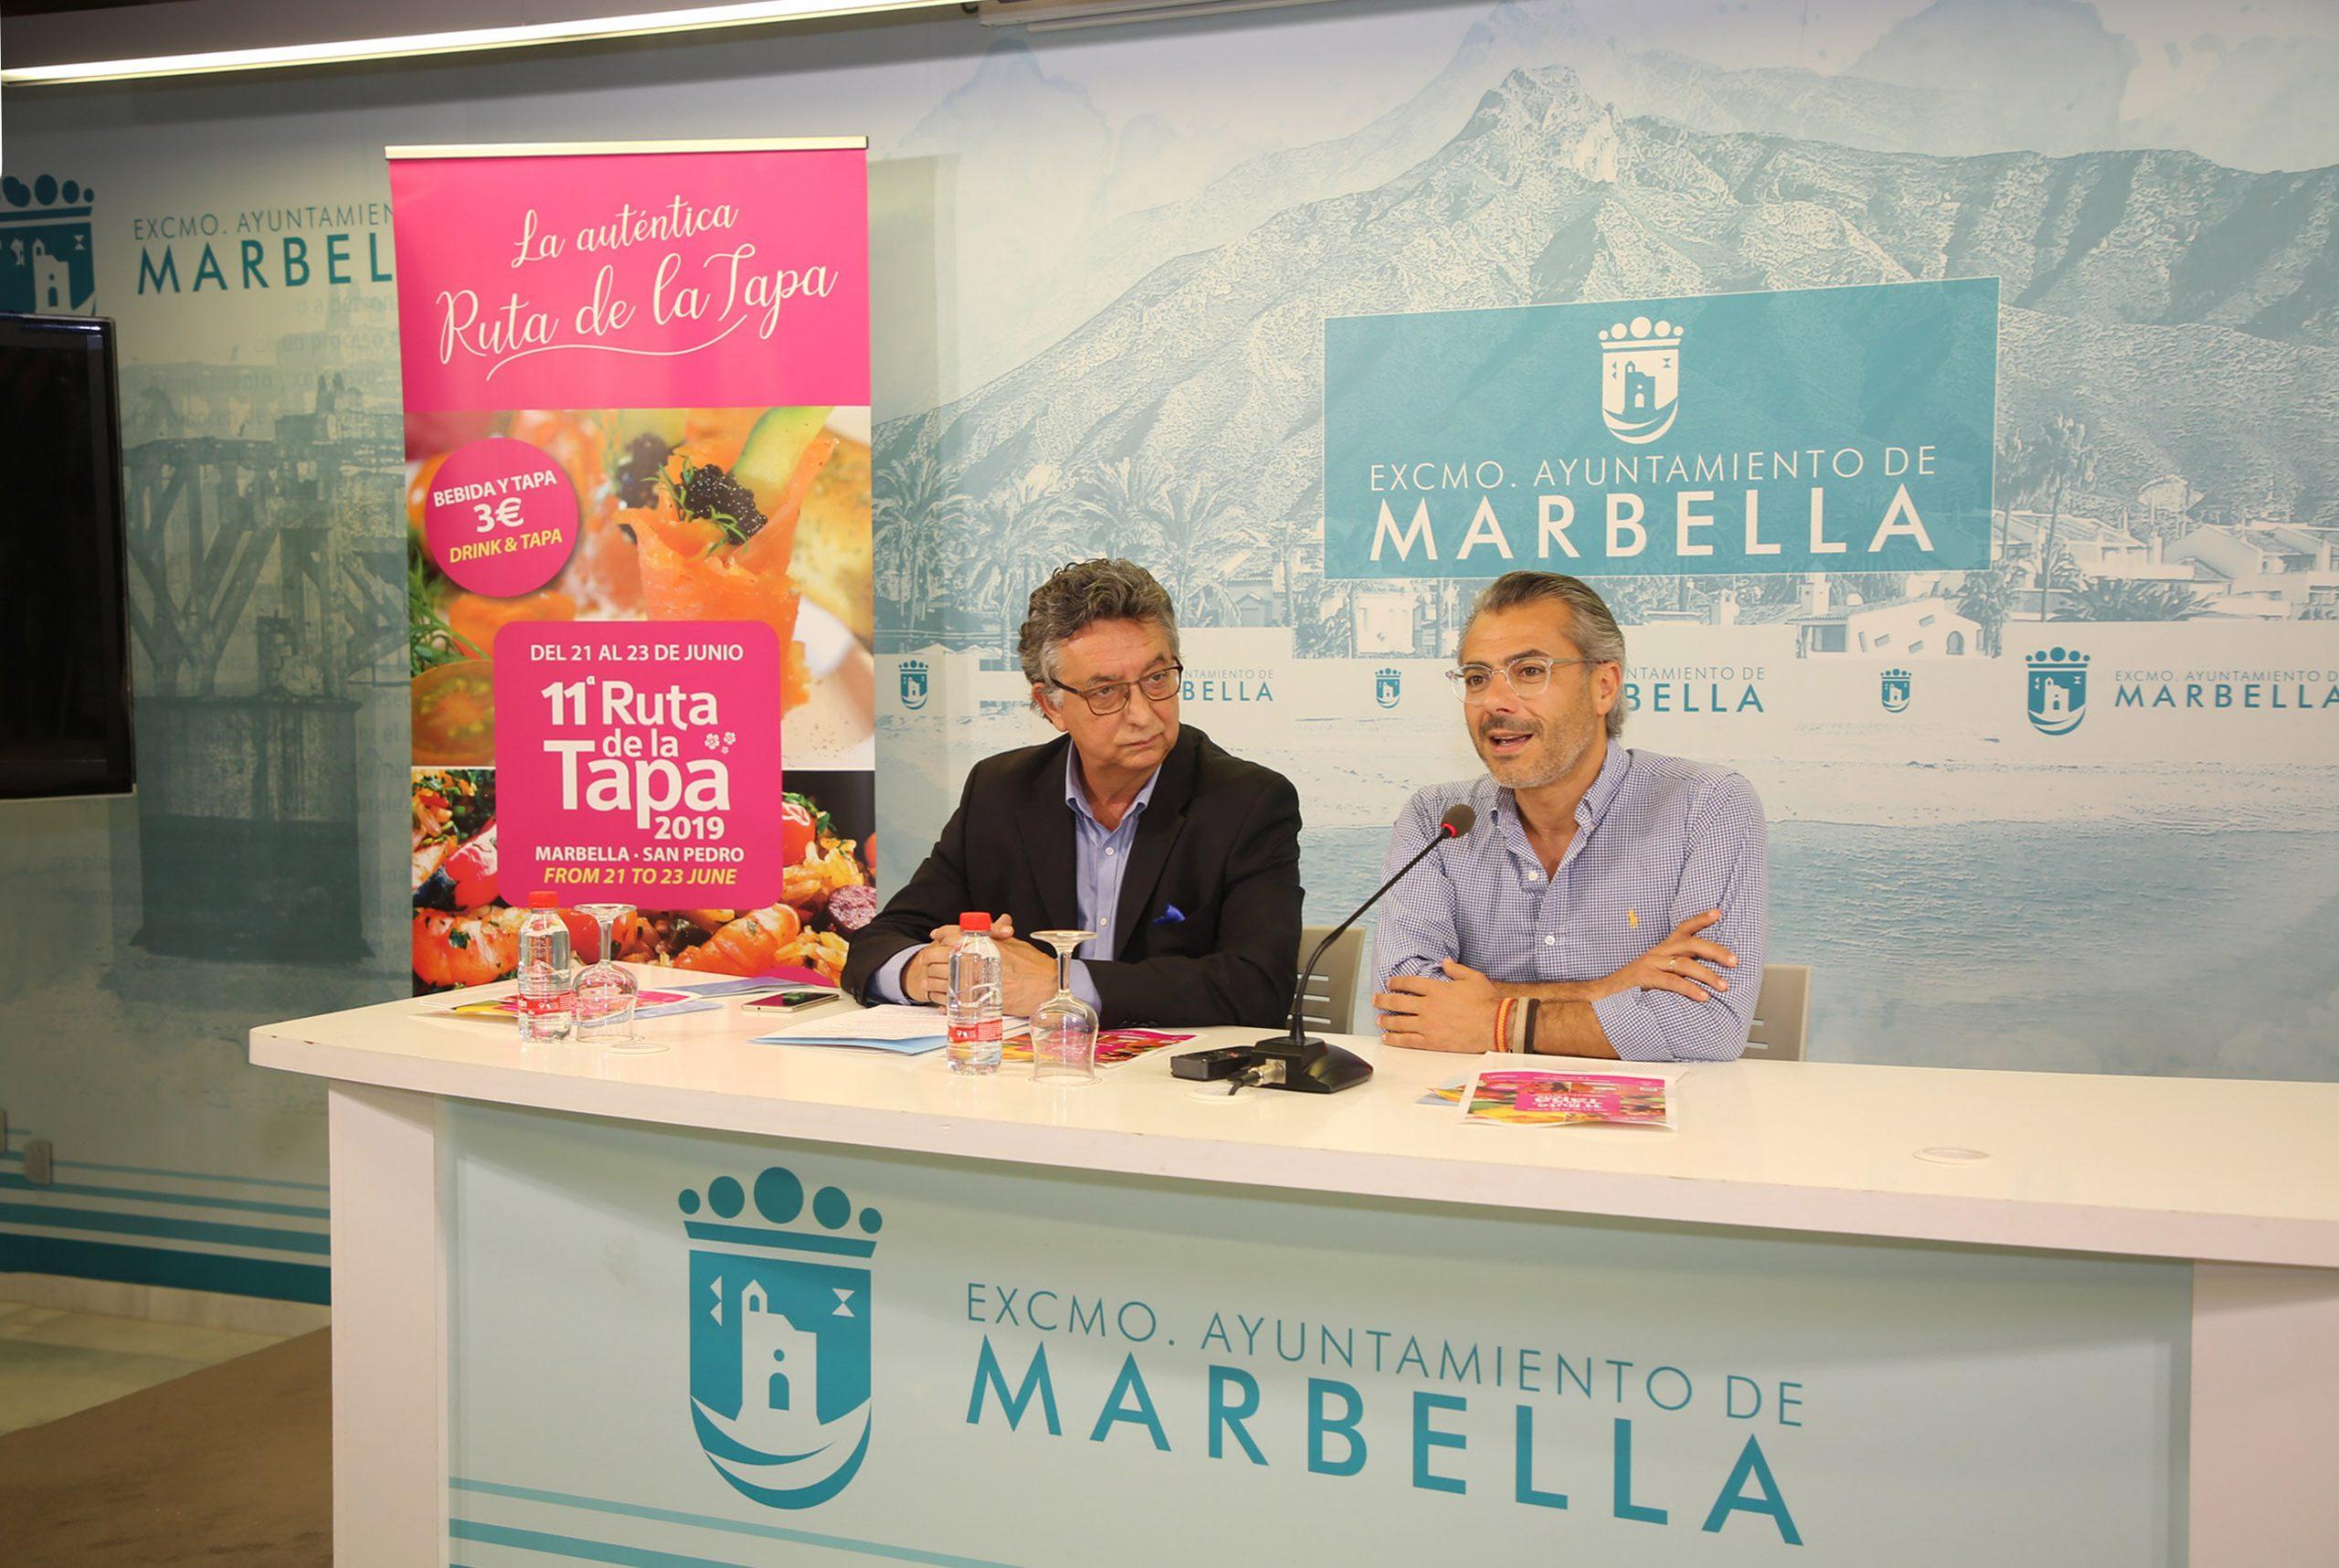 La XI edición de la Ruta de la Tapa Marbella-San Pedro 2019 reunirá a más de 50 establecimientos